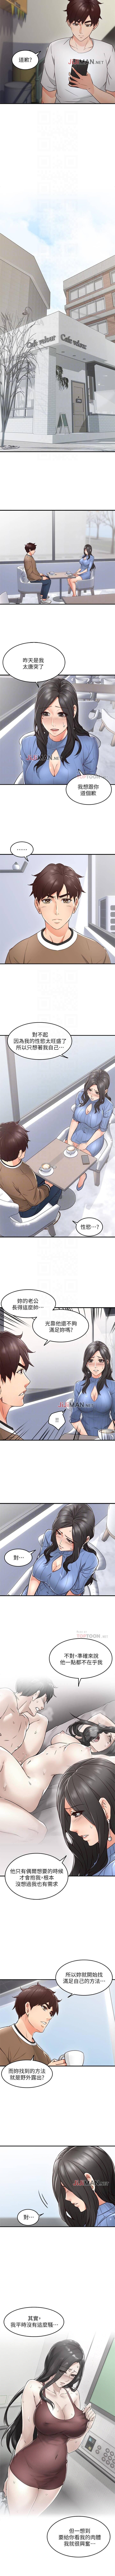 【周六更新】邻居人妻(作者:李周元 & 頸枕) 第1~50话 77